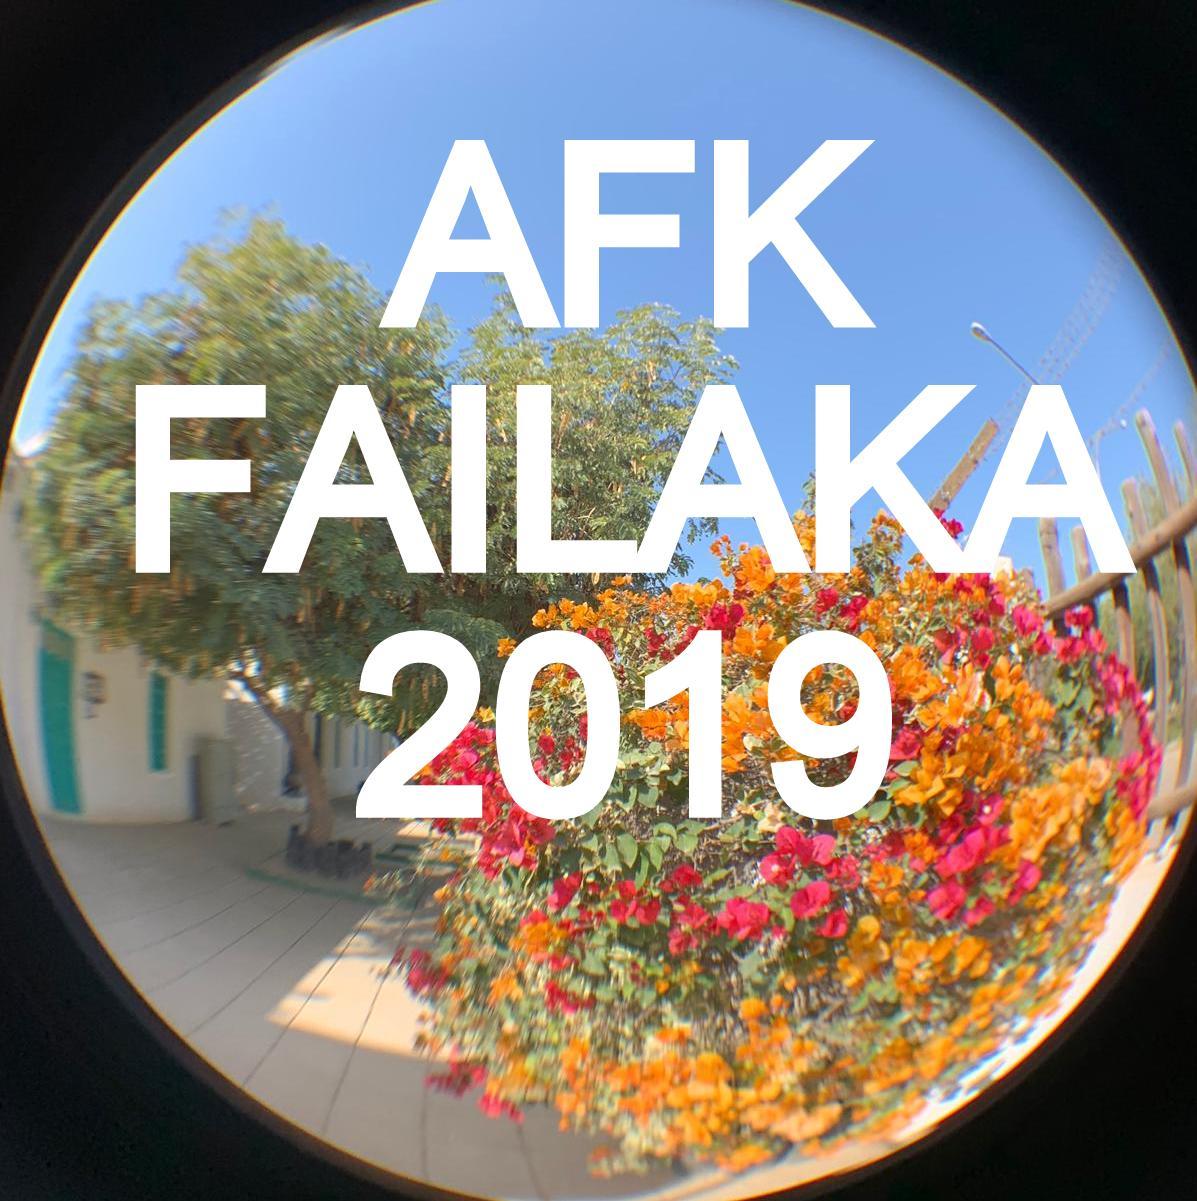 ÎLE de FAILAKA - Weekend découverte AFK